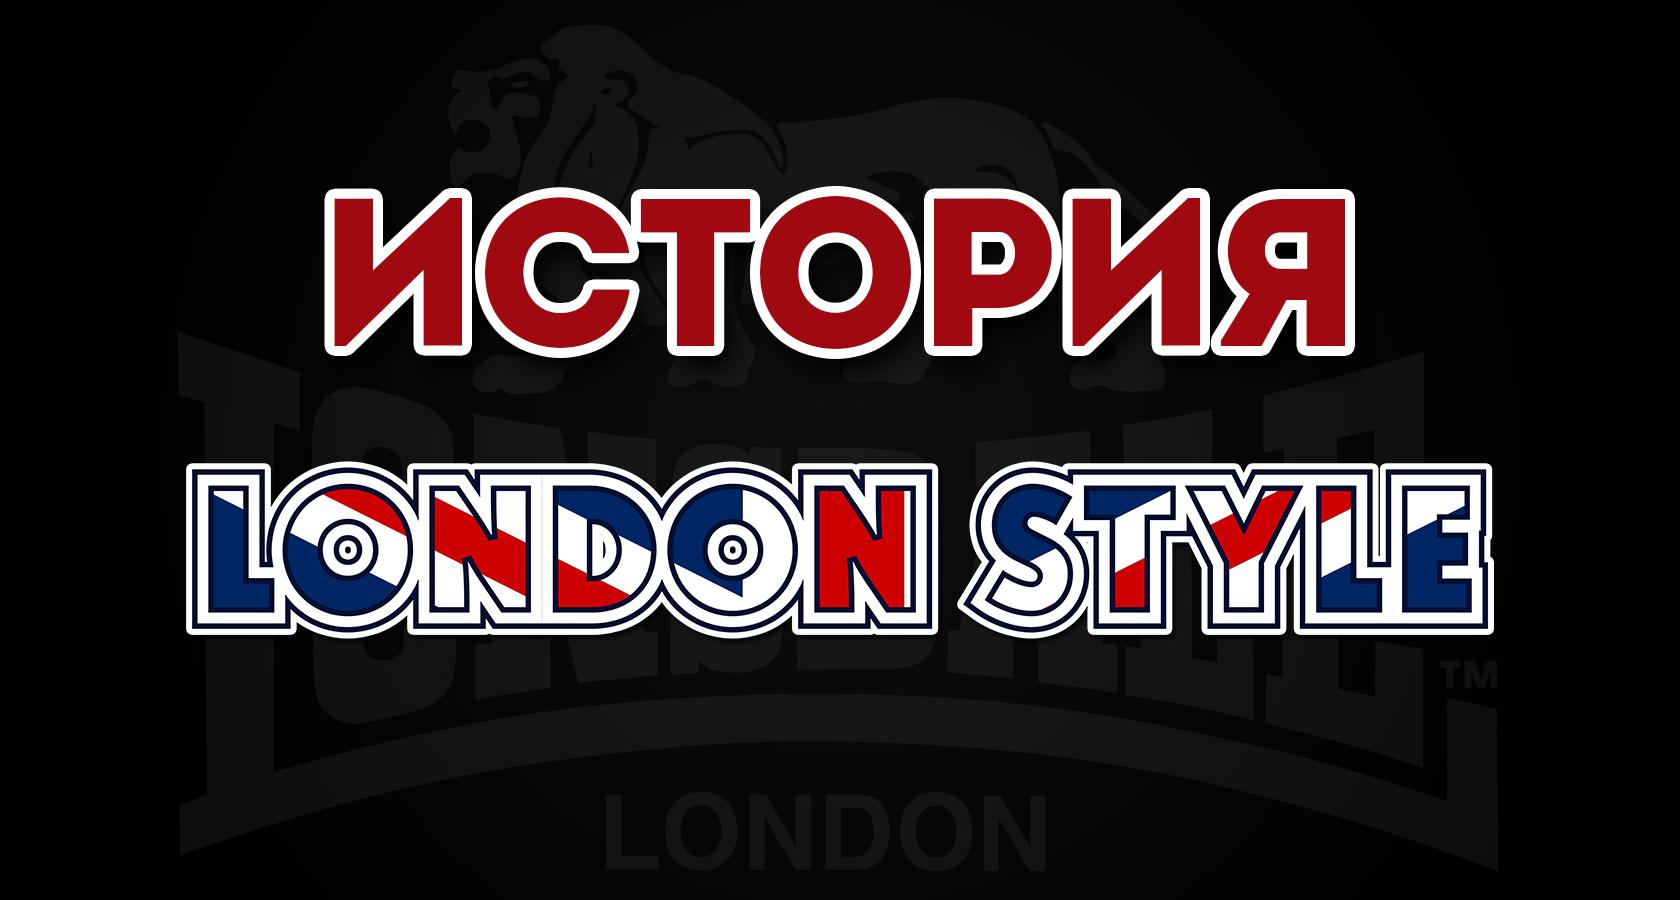 Превью статьи об истории London Style с логотипом